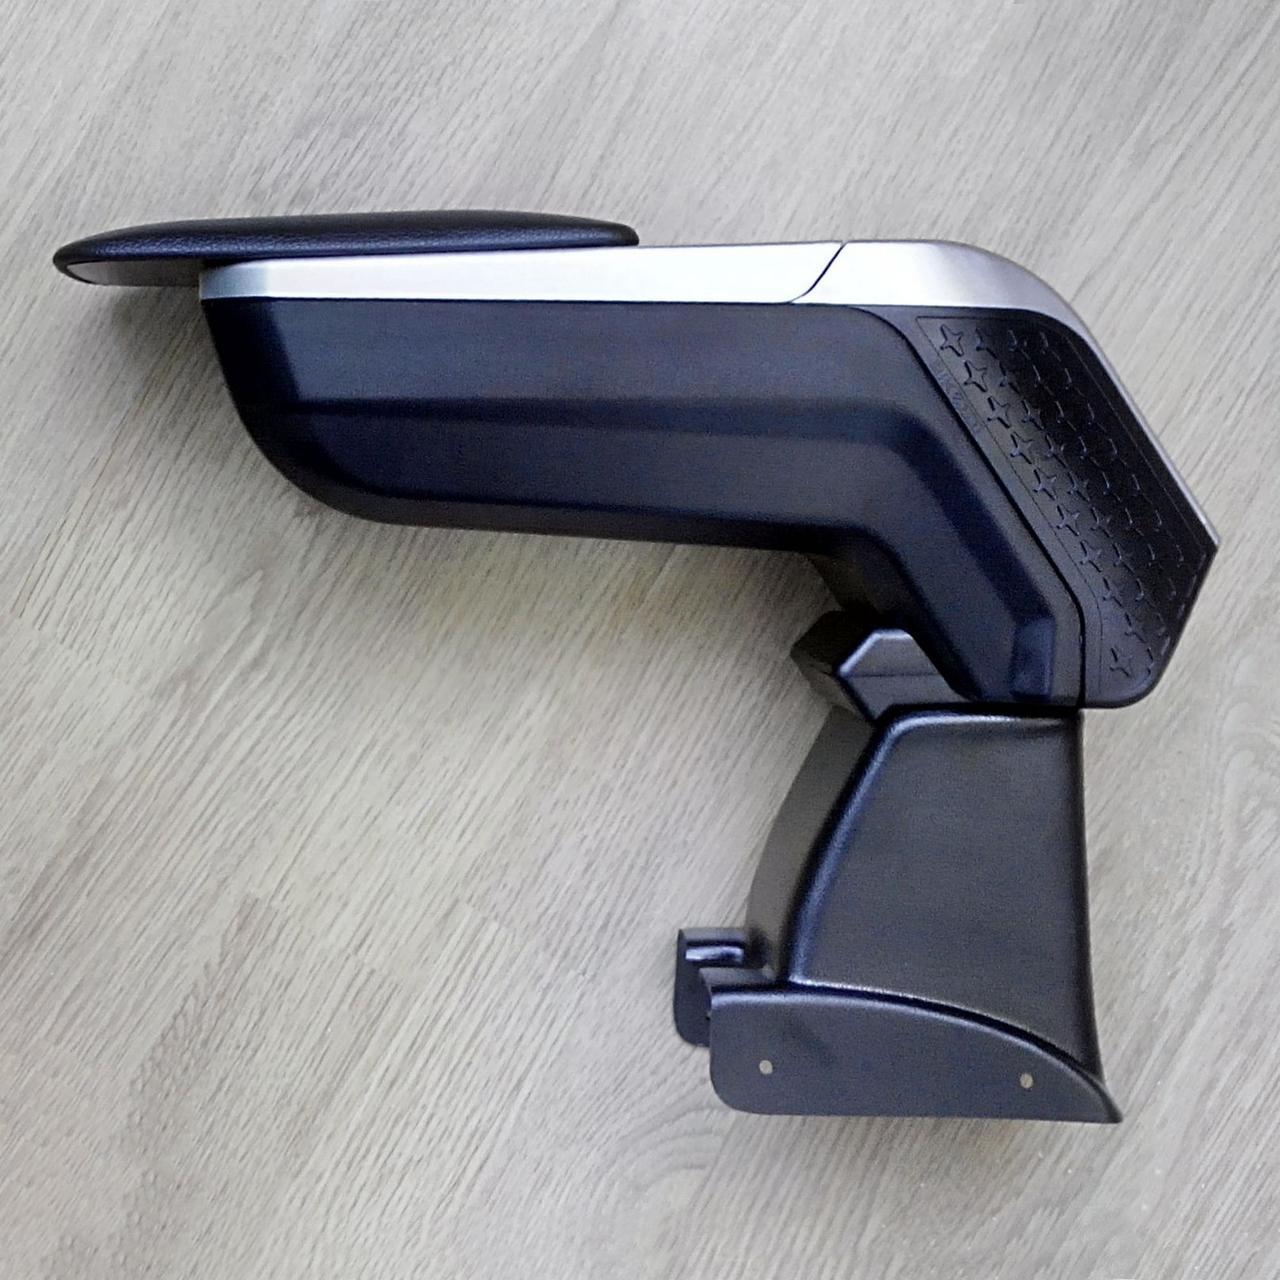 Подлокотник Armcik S4 со сдвижной крышкой и регул.наклоном Dacia Logan, MCV, Sandero 2005-2012, lift 2012-2017